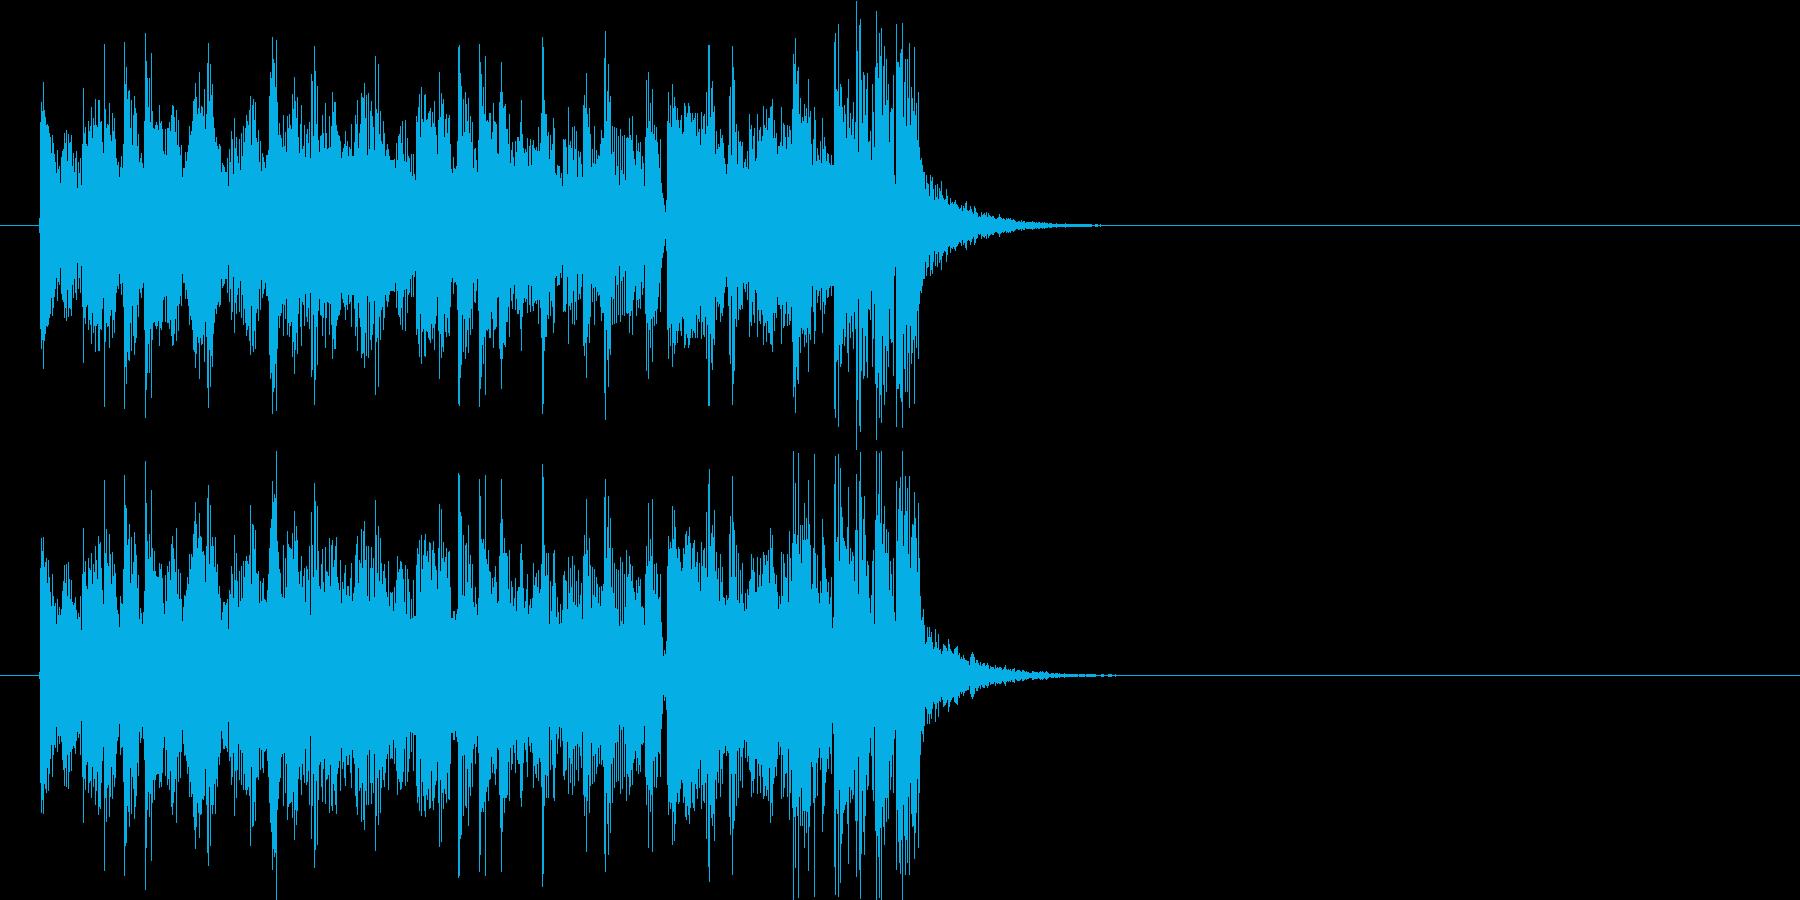 テーマ 激しい スリル スピード 躍動の再生済みの波形